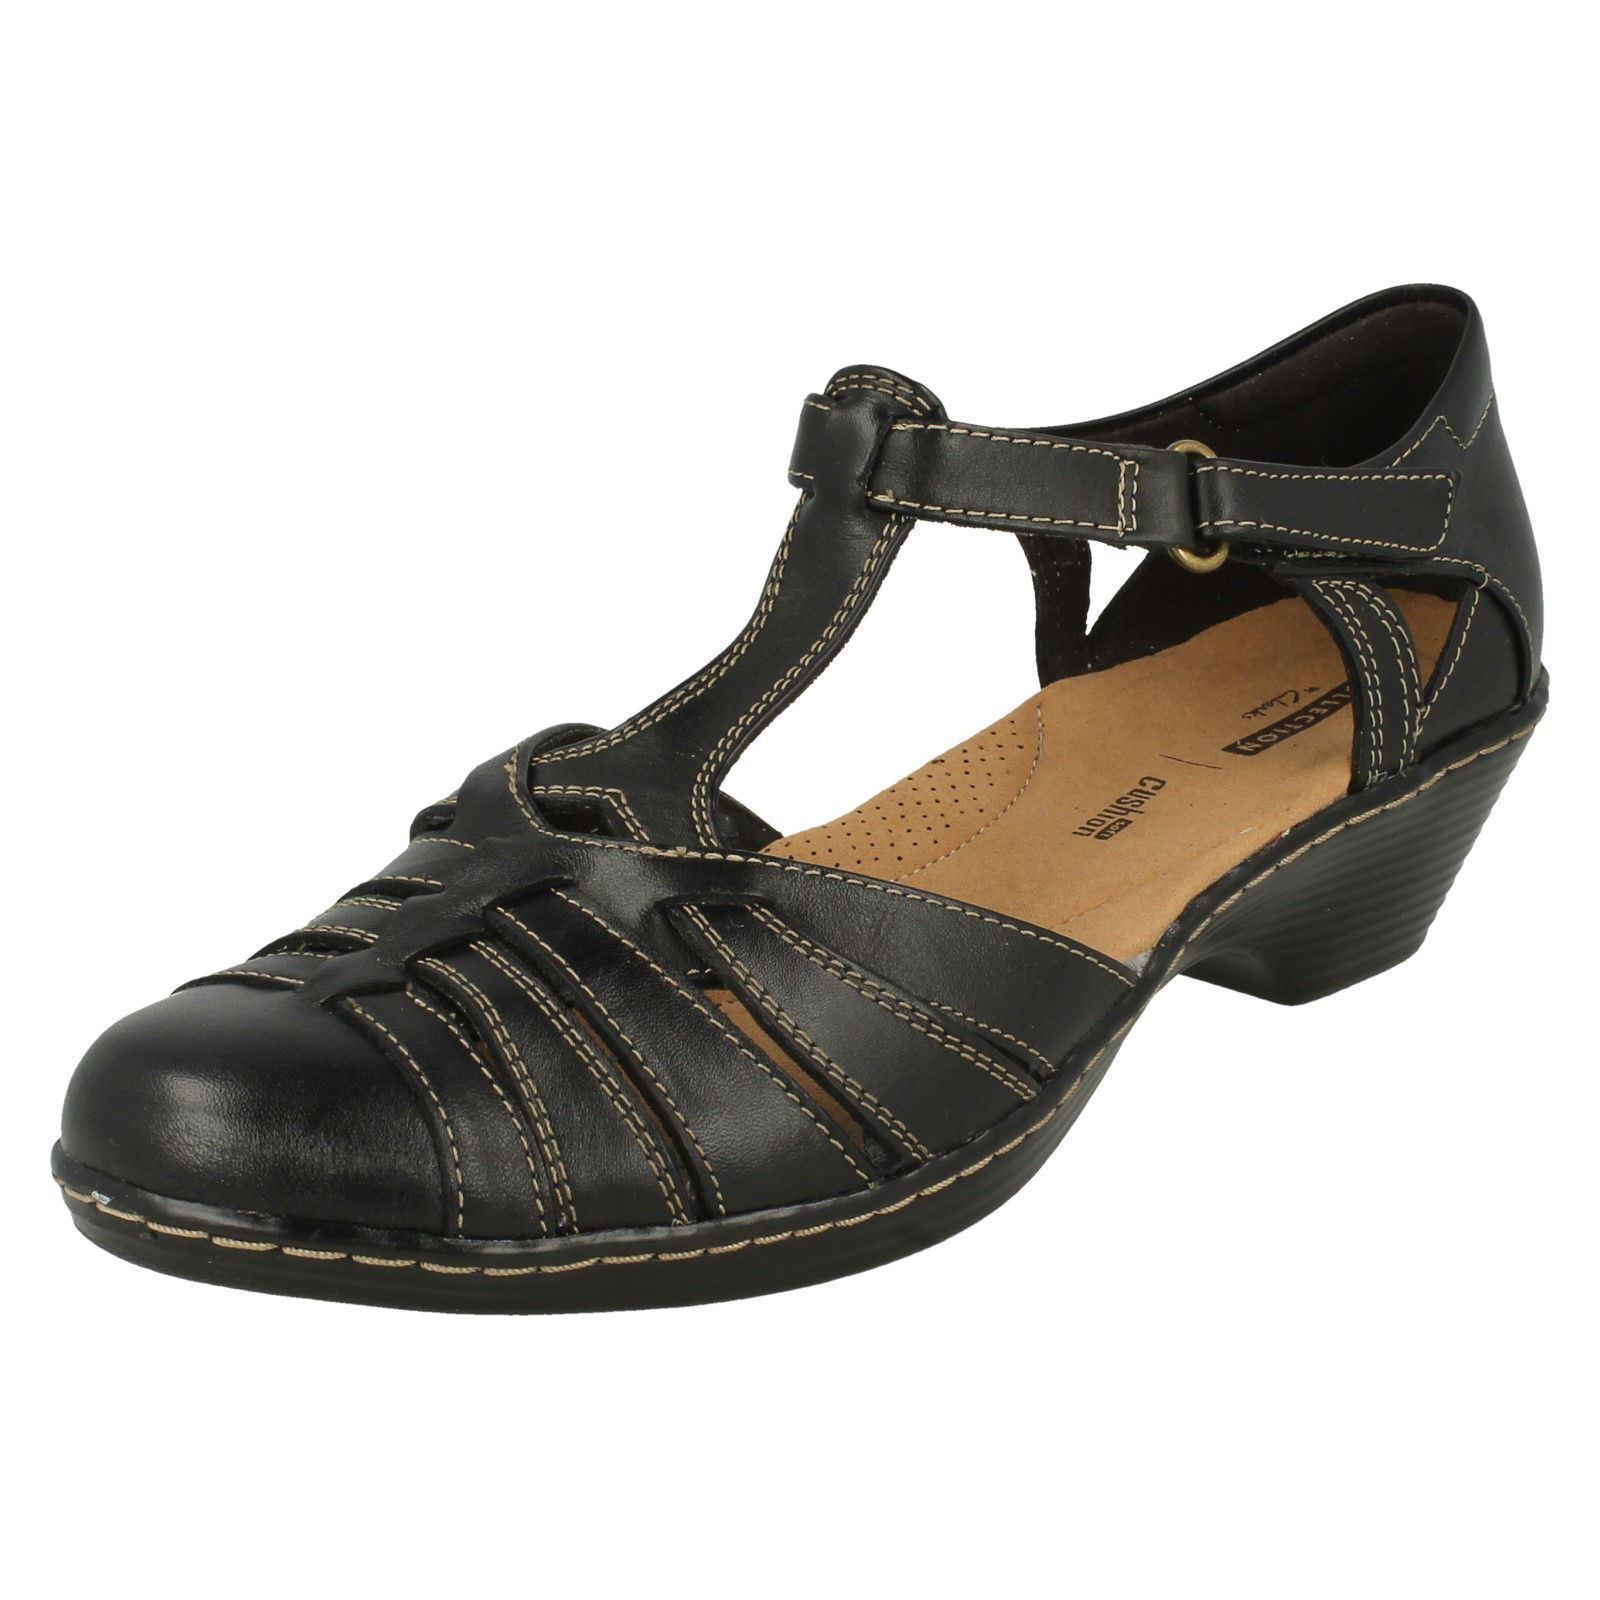 Donna Clarks Scarpe Estive Larghezza D Wendy Alto | il il il prezzo delle concessioni  | Uomini/Donna Scarpa  6b5aaa